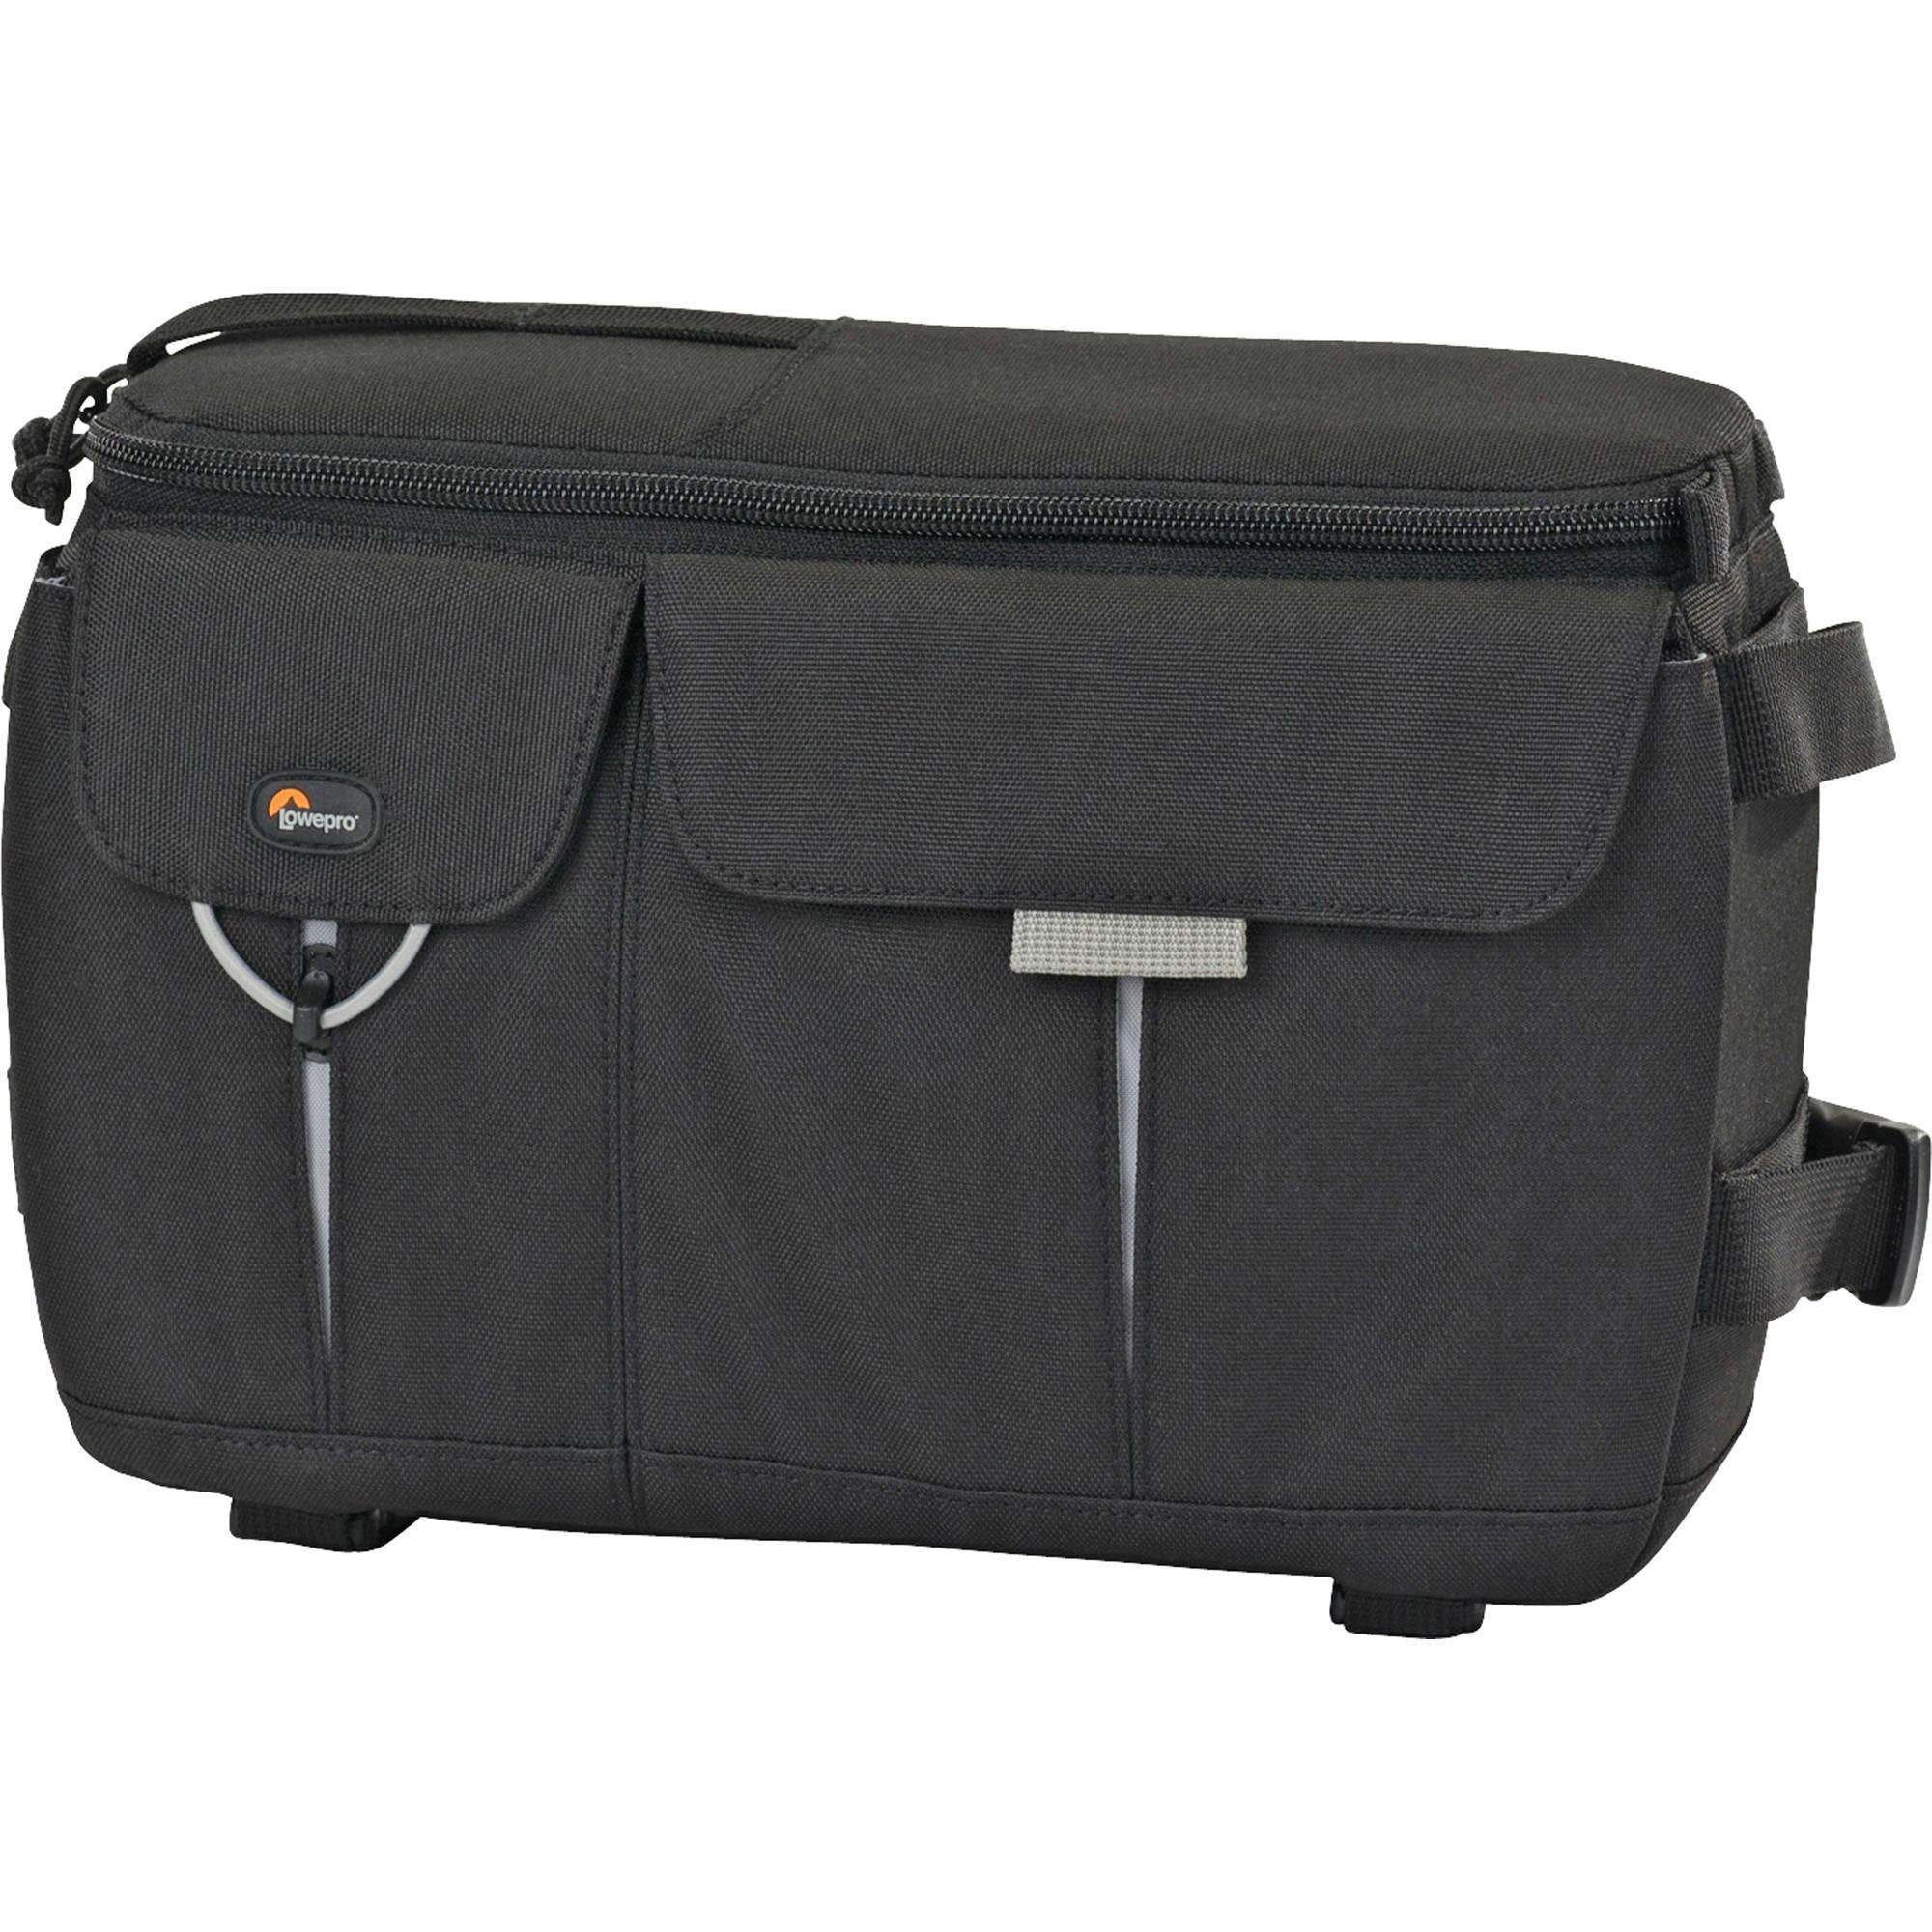 Lowepro Photo Runner 100 Shoulder Bag (Black)